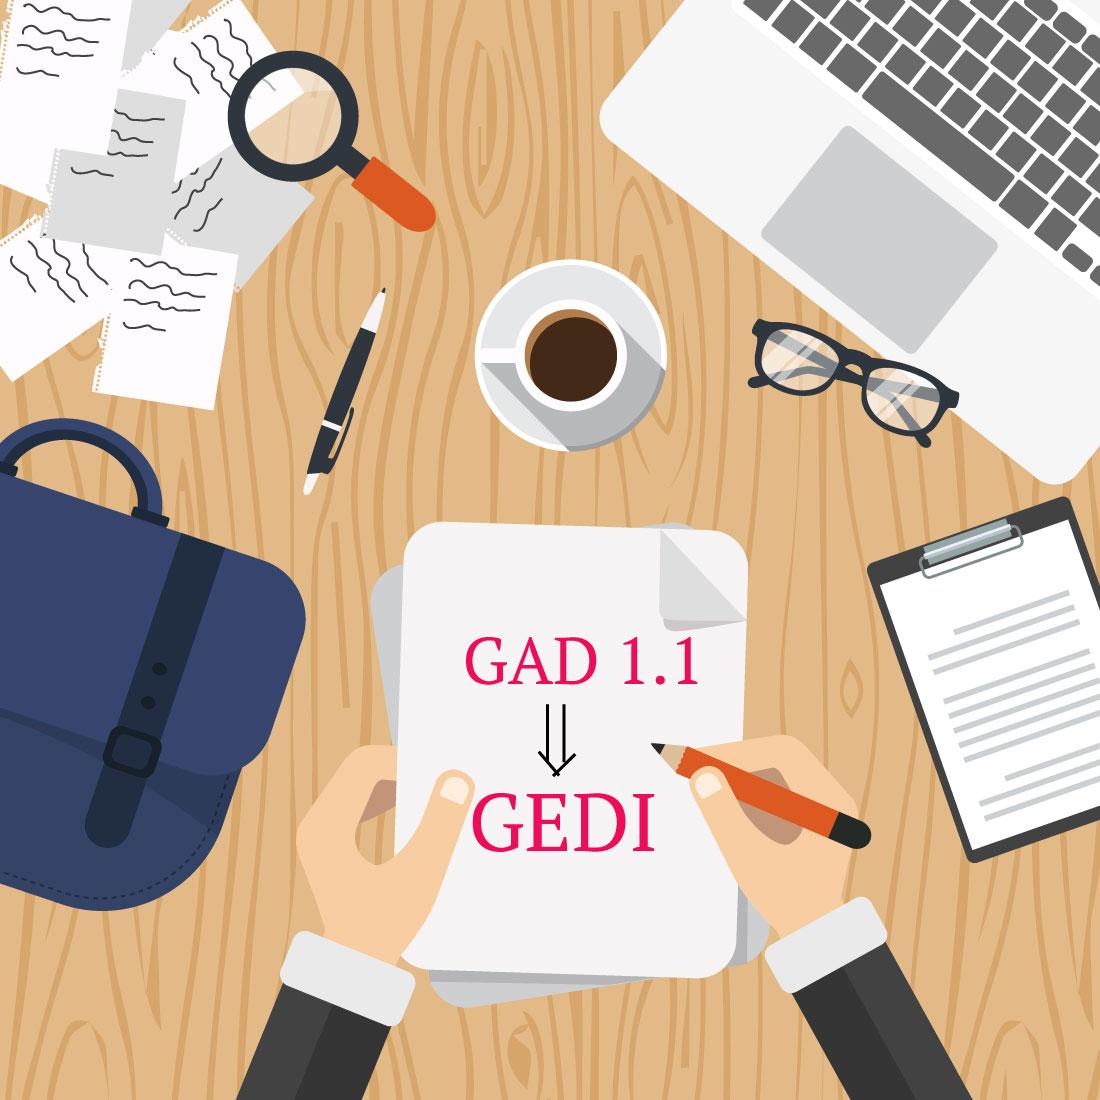 Il GAD 1.1 viene sostituito con il nuovo GEDI